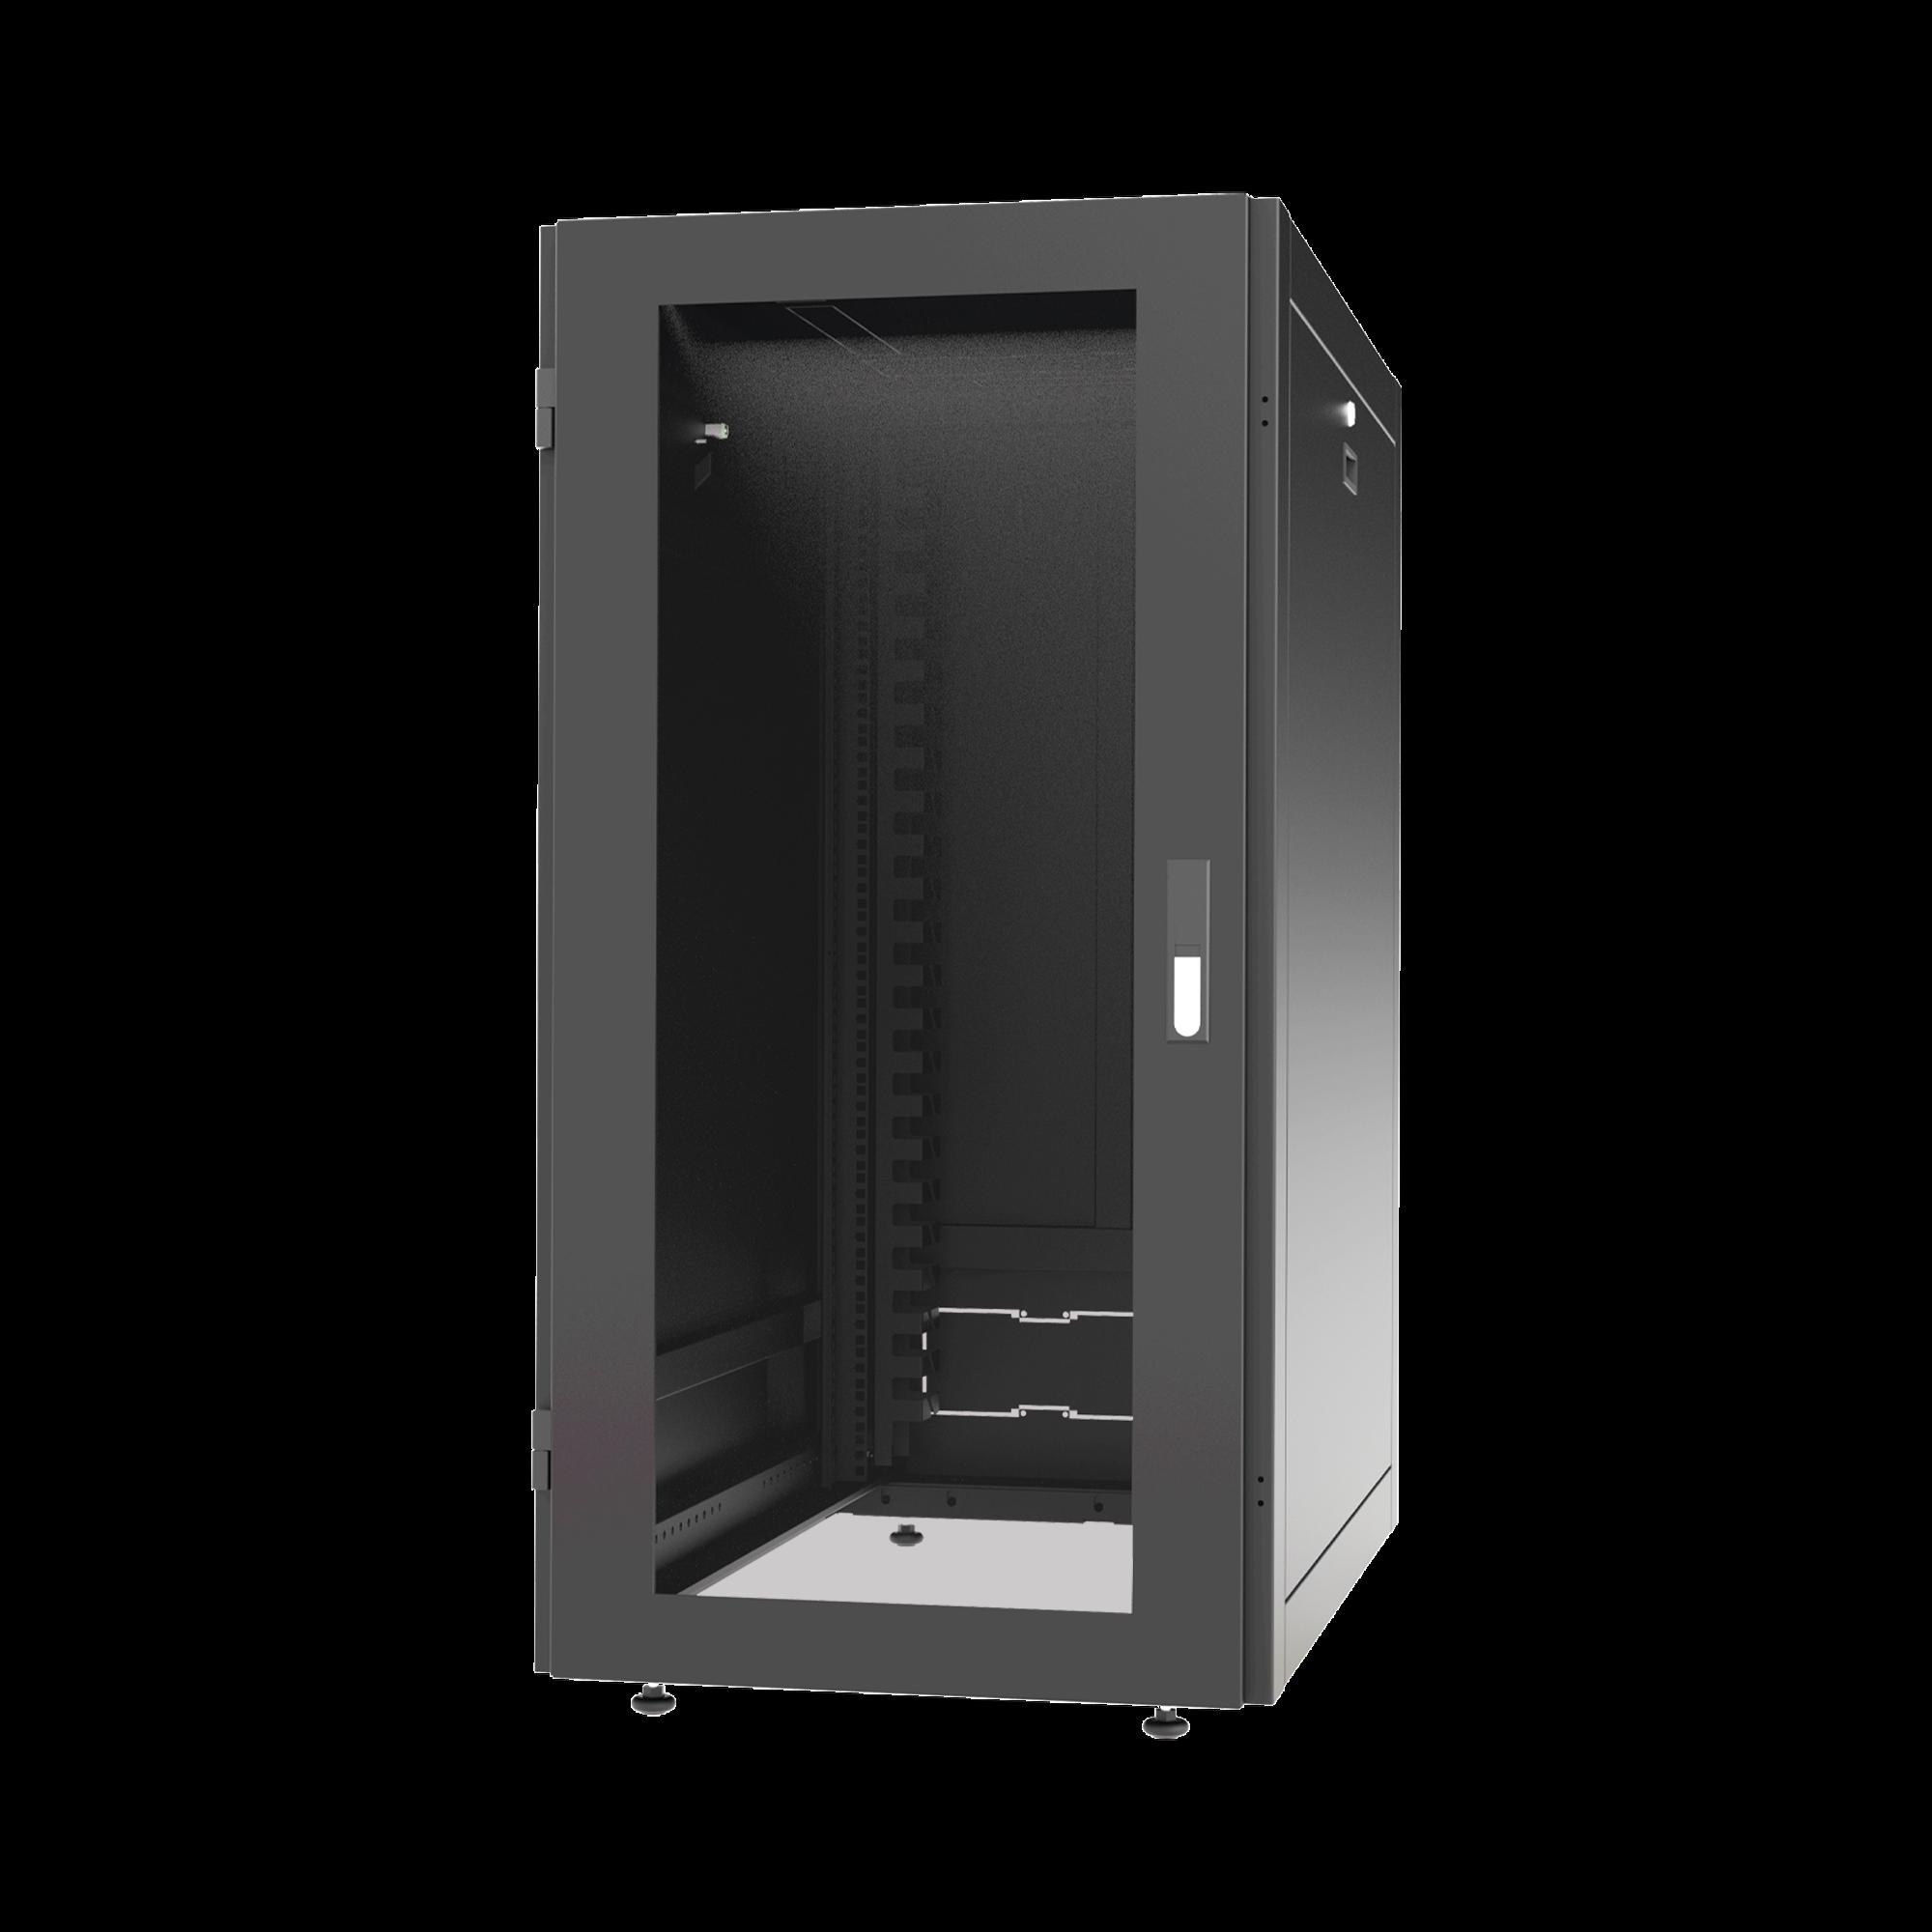 Gabinete Profesional para Telecomunicaciones de 24UR, 600 mm de Ancho x 1000 mm de Profundidad.